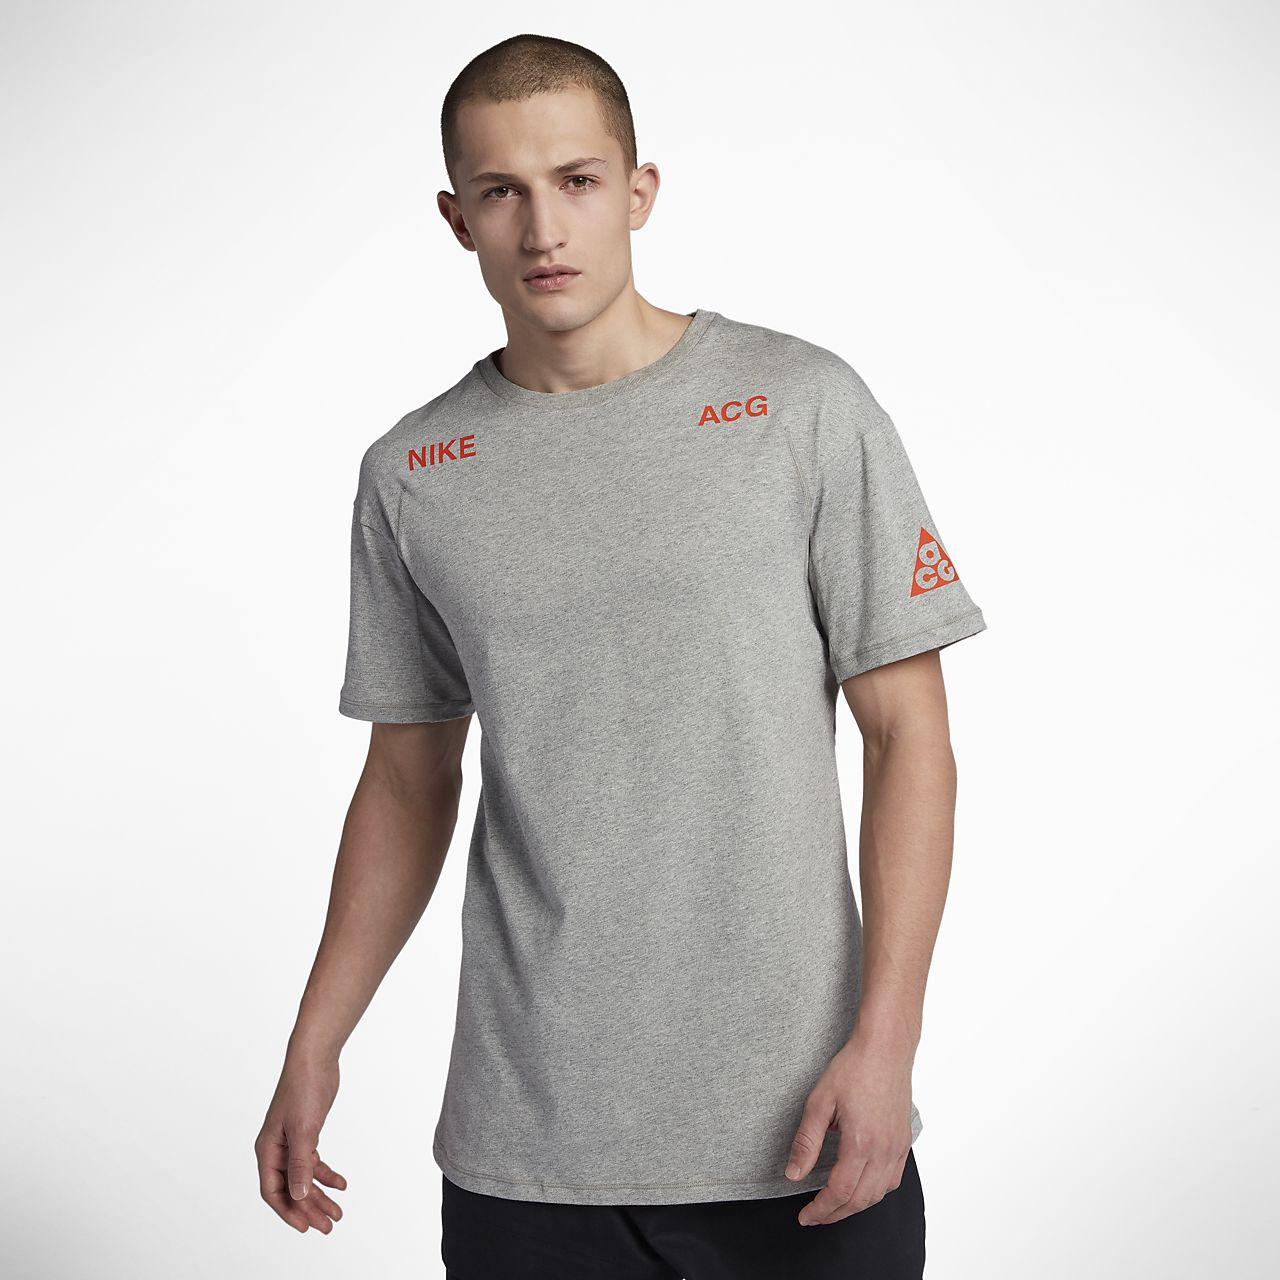 Vn T Nikelab Men's Acg Shirt qgFZY